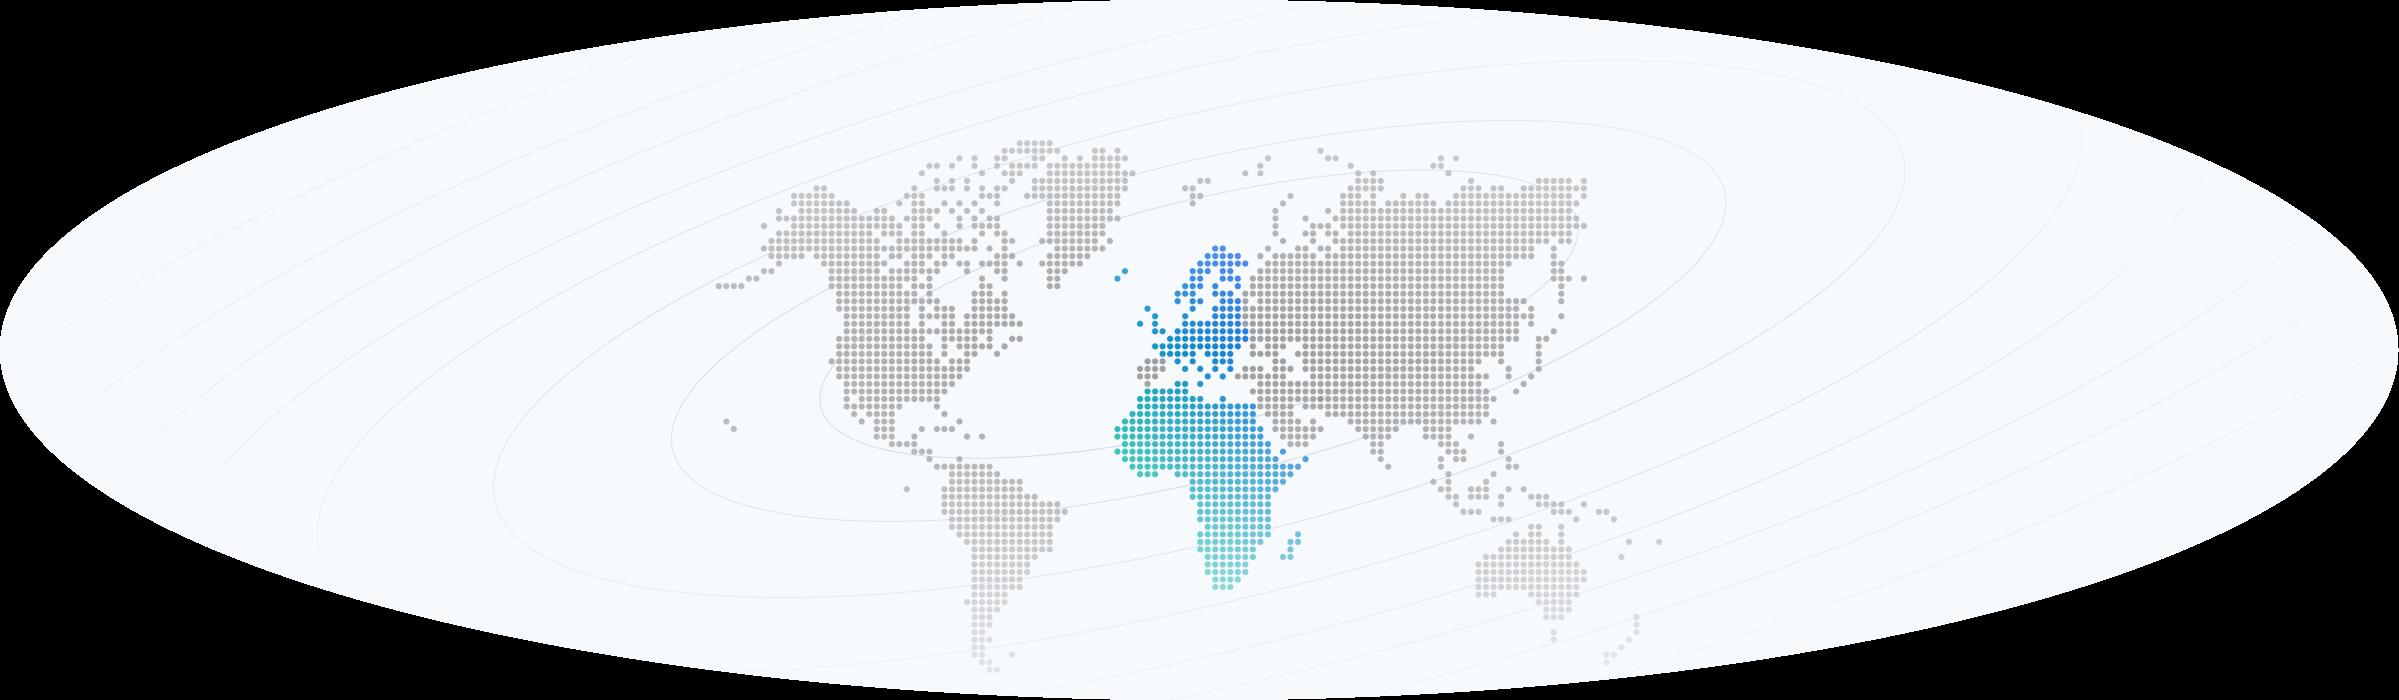 Macrogen Europa Global Coverage.